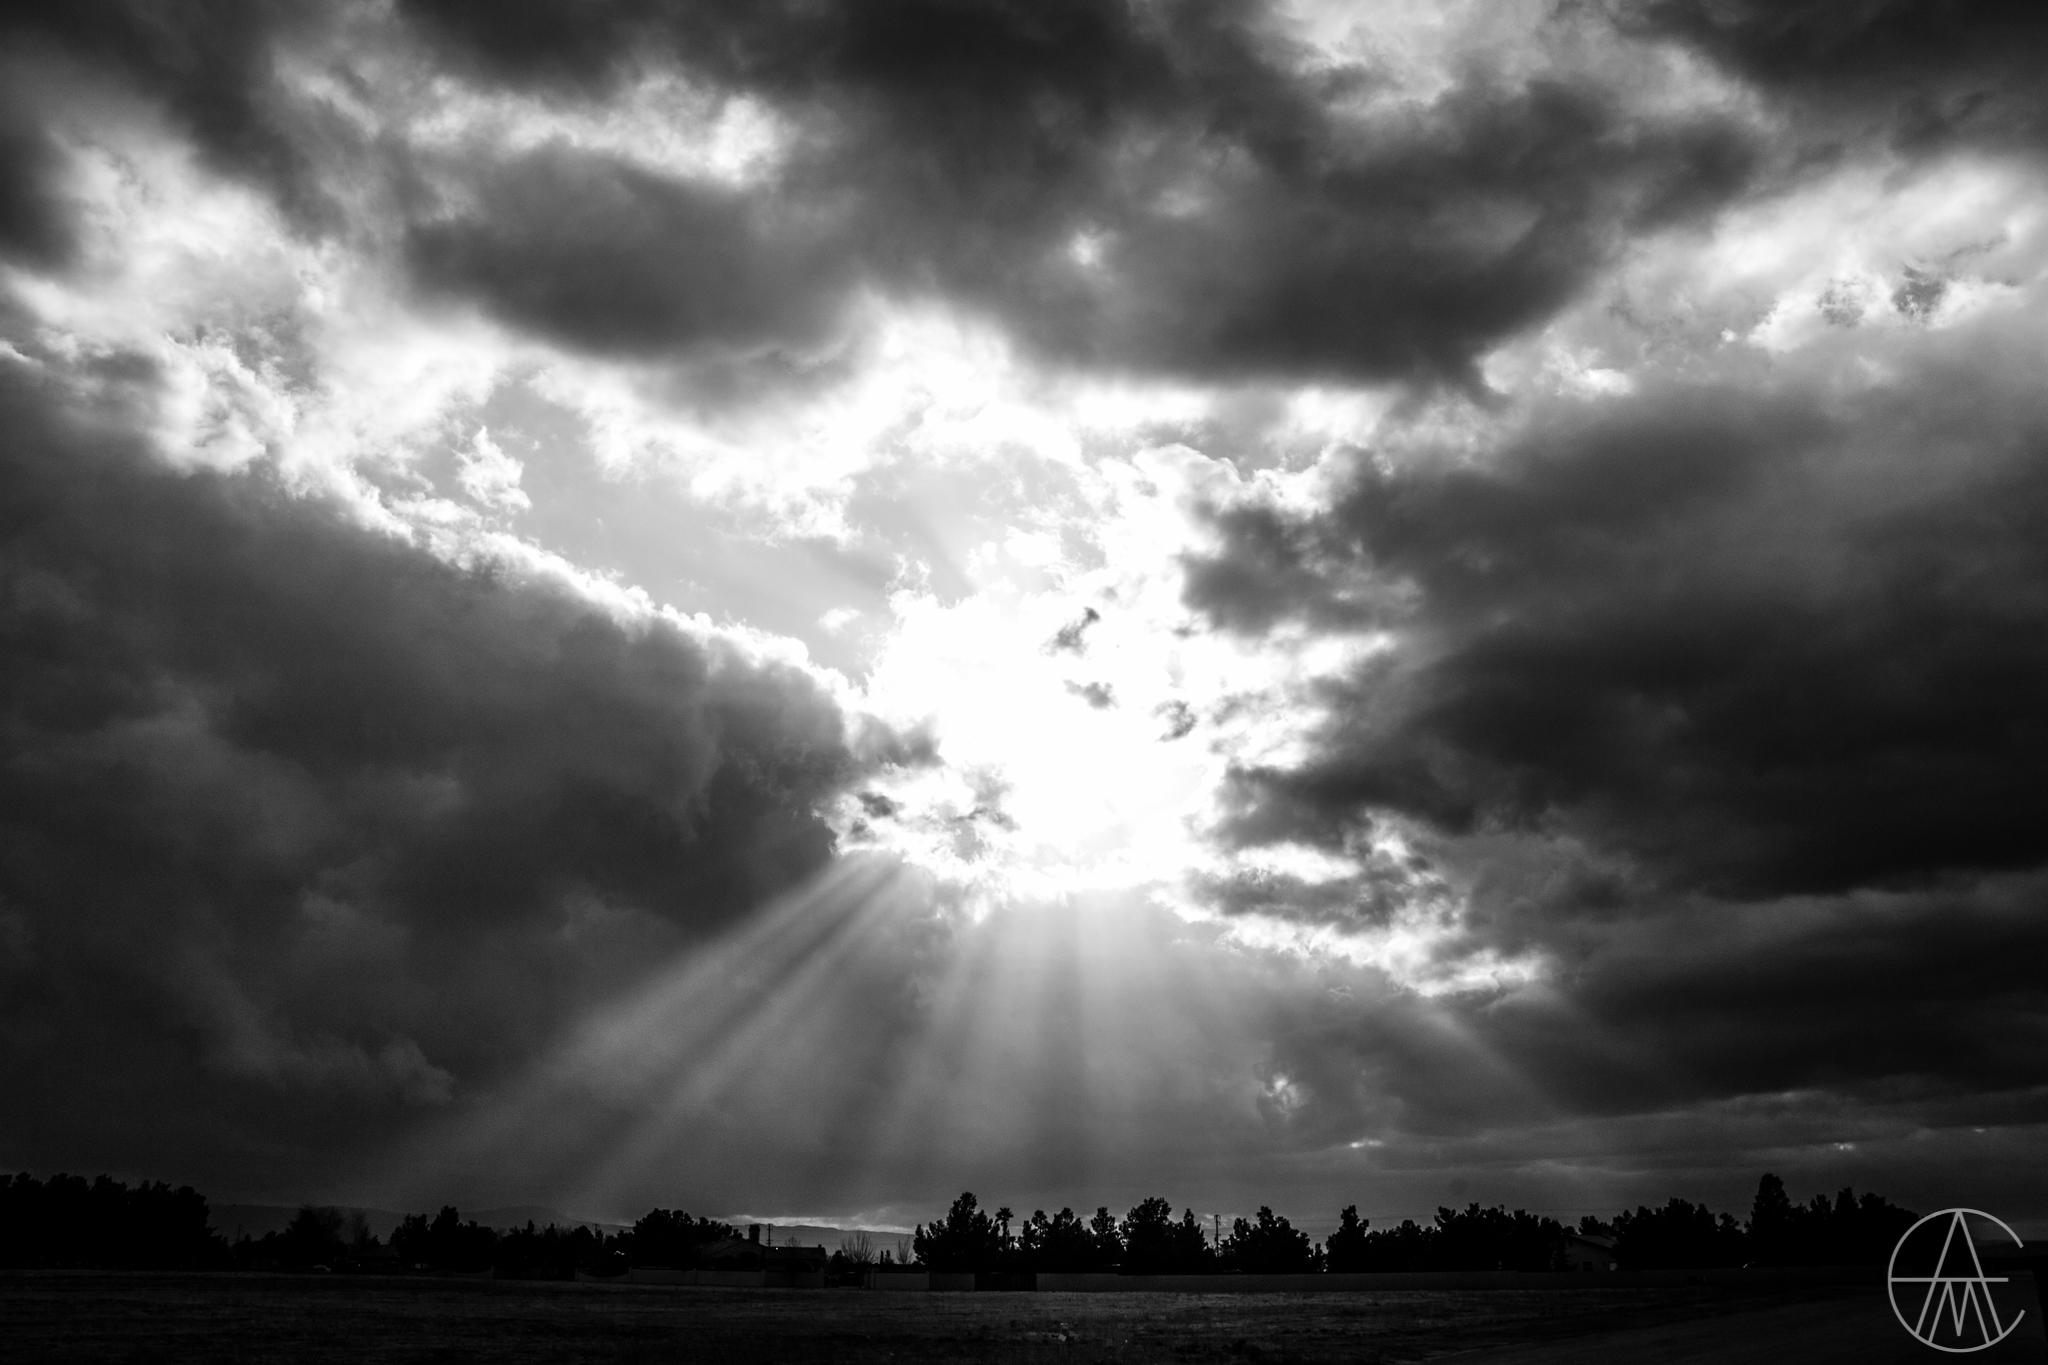 AntelopeAcres_Rainstorm-2604.jpg